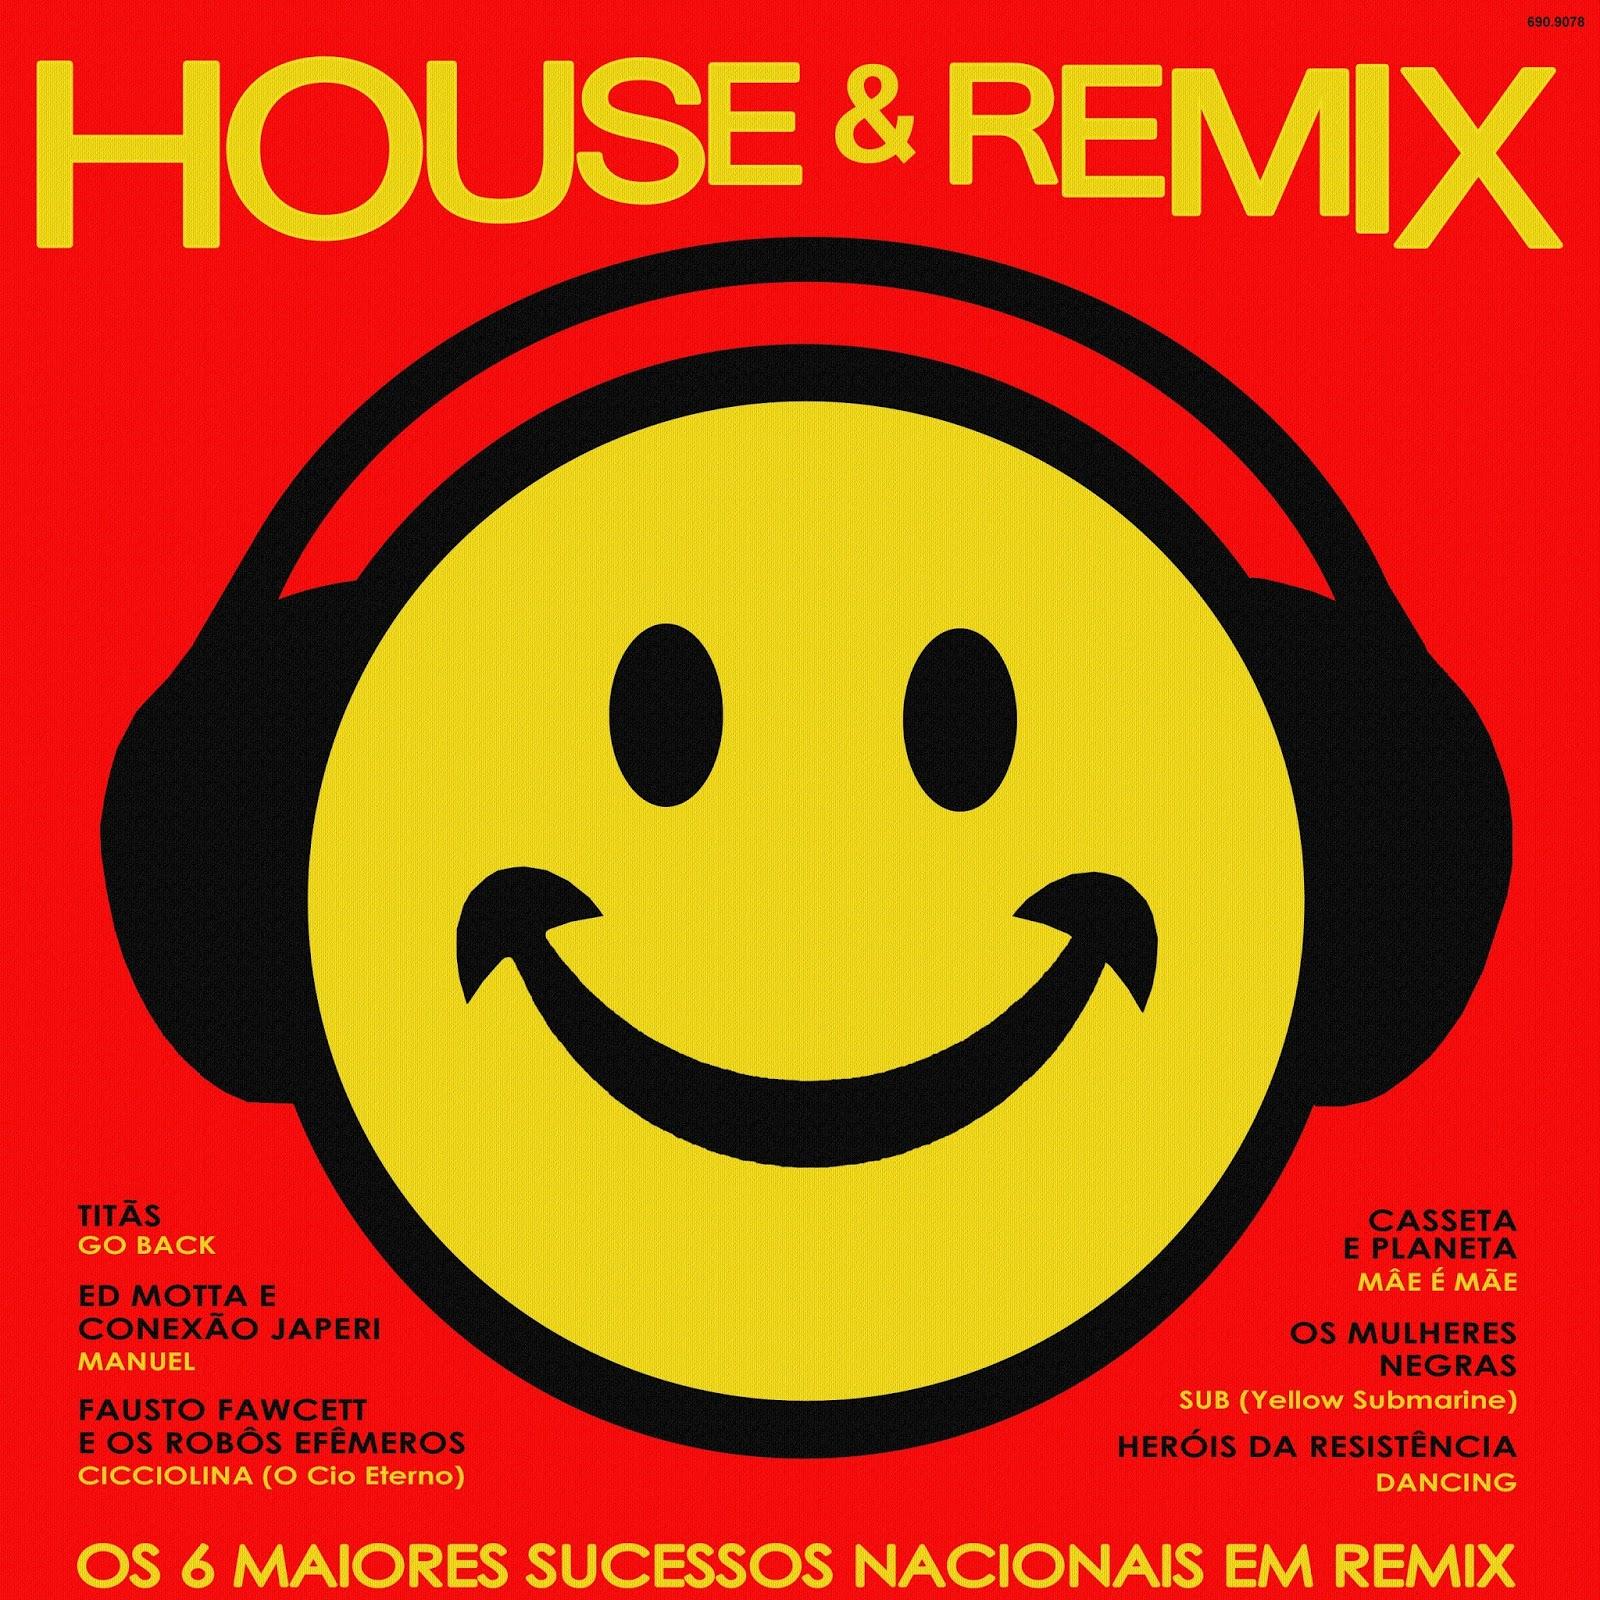 Seja bem vindo house and remix nacional 1 1989 e 2 1990 for House music remix